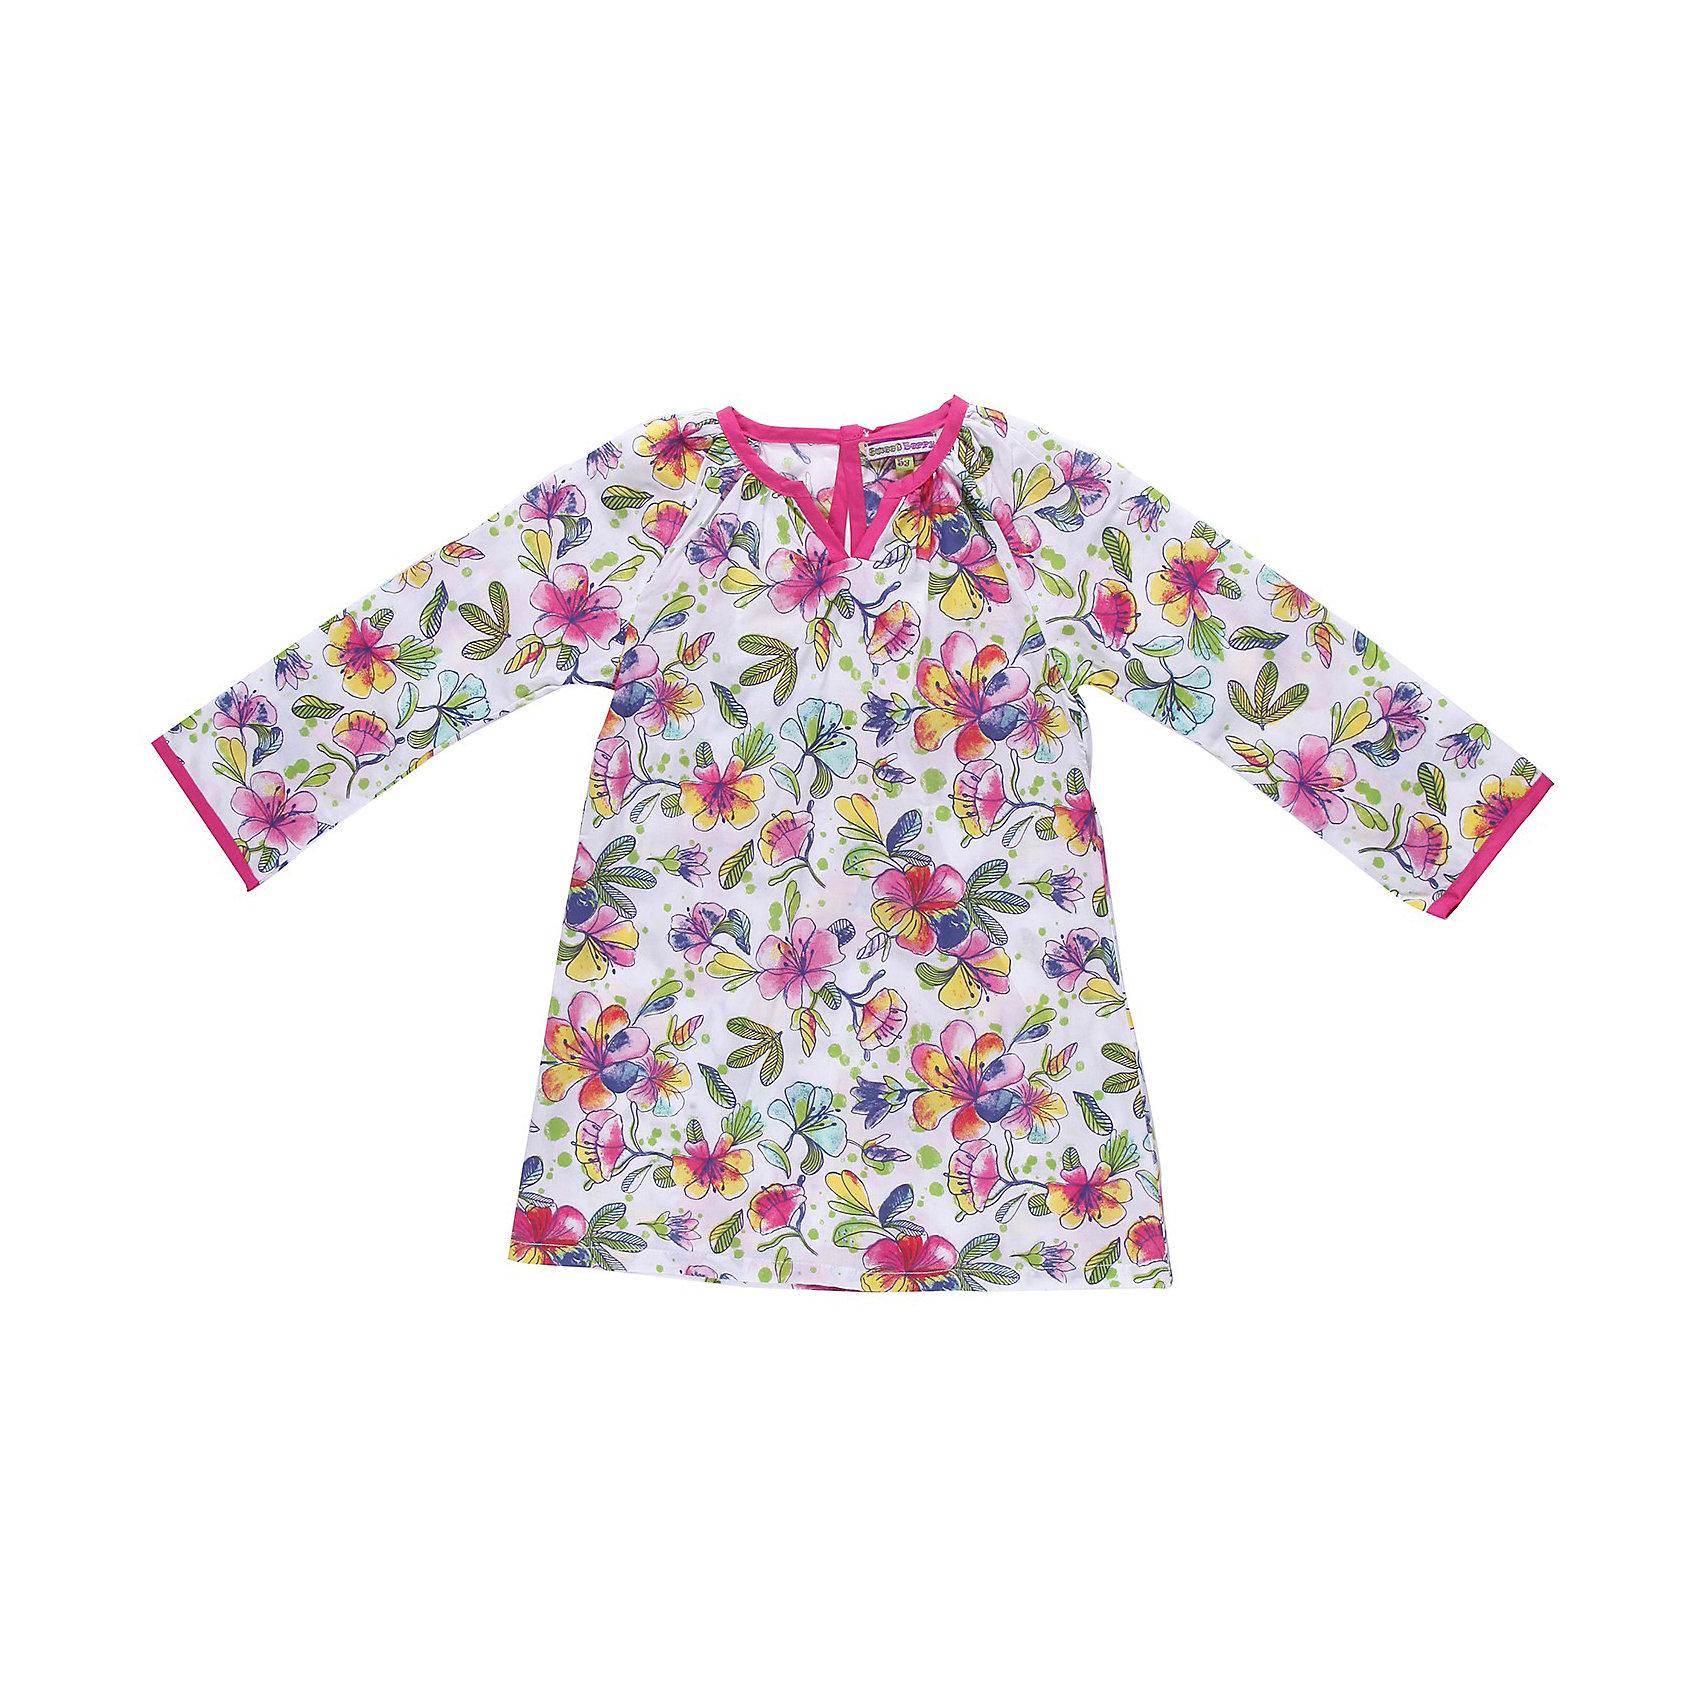 Платье для девочки Sweet BerryПляжное платье из тонкого хлопка, оригинальный цветочный принт. Отделка из ткани контрастного цвета.<br>Состав:<br>100% хлопок<br><br>Ширина мм: 236<br>Глубина мм: 16<br>Высота мм: 184<br>Вес г: 177<br>Цвет: разноцветный<br>Возраст от месяцев: 24<br>Возраст до месяцев: 36<br>Пол: Женский<br>Возраст: Детский<br>Размер: 98,104,110,128,116,122<br>SKU: 4521290